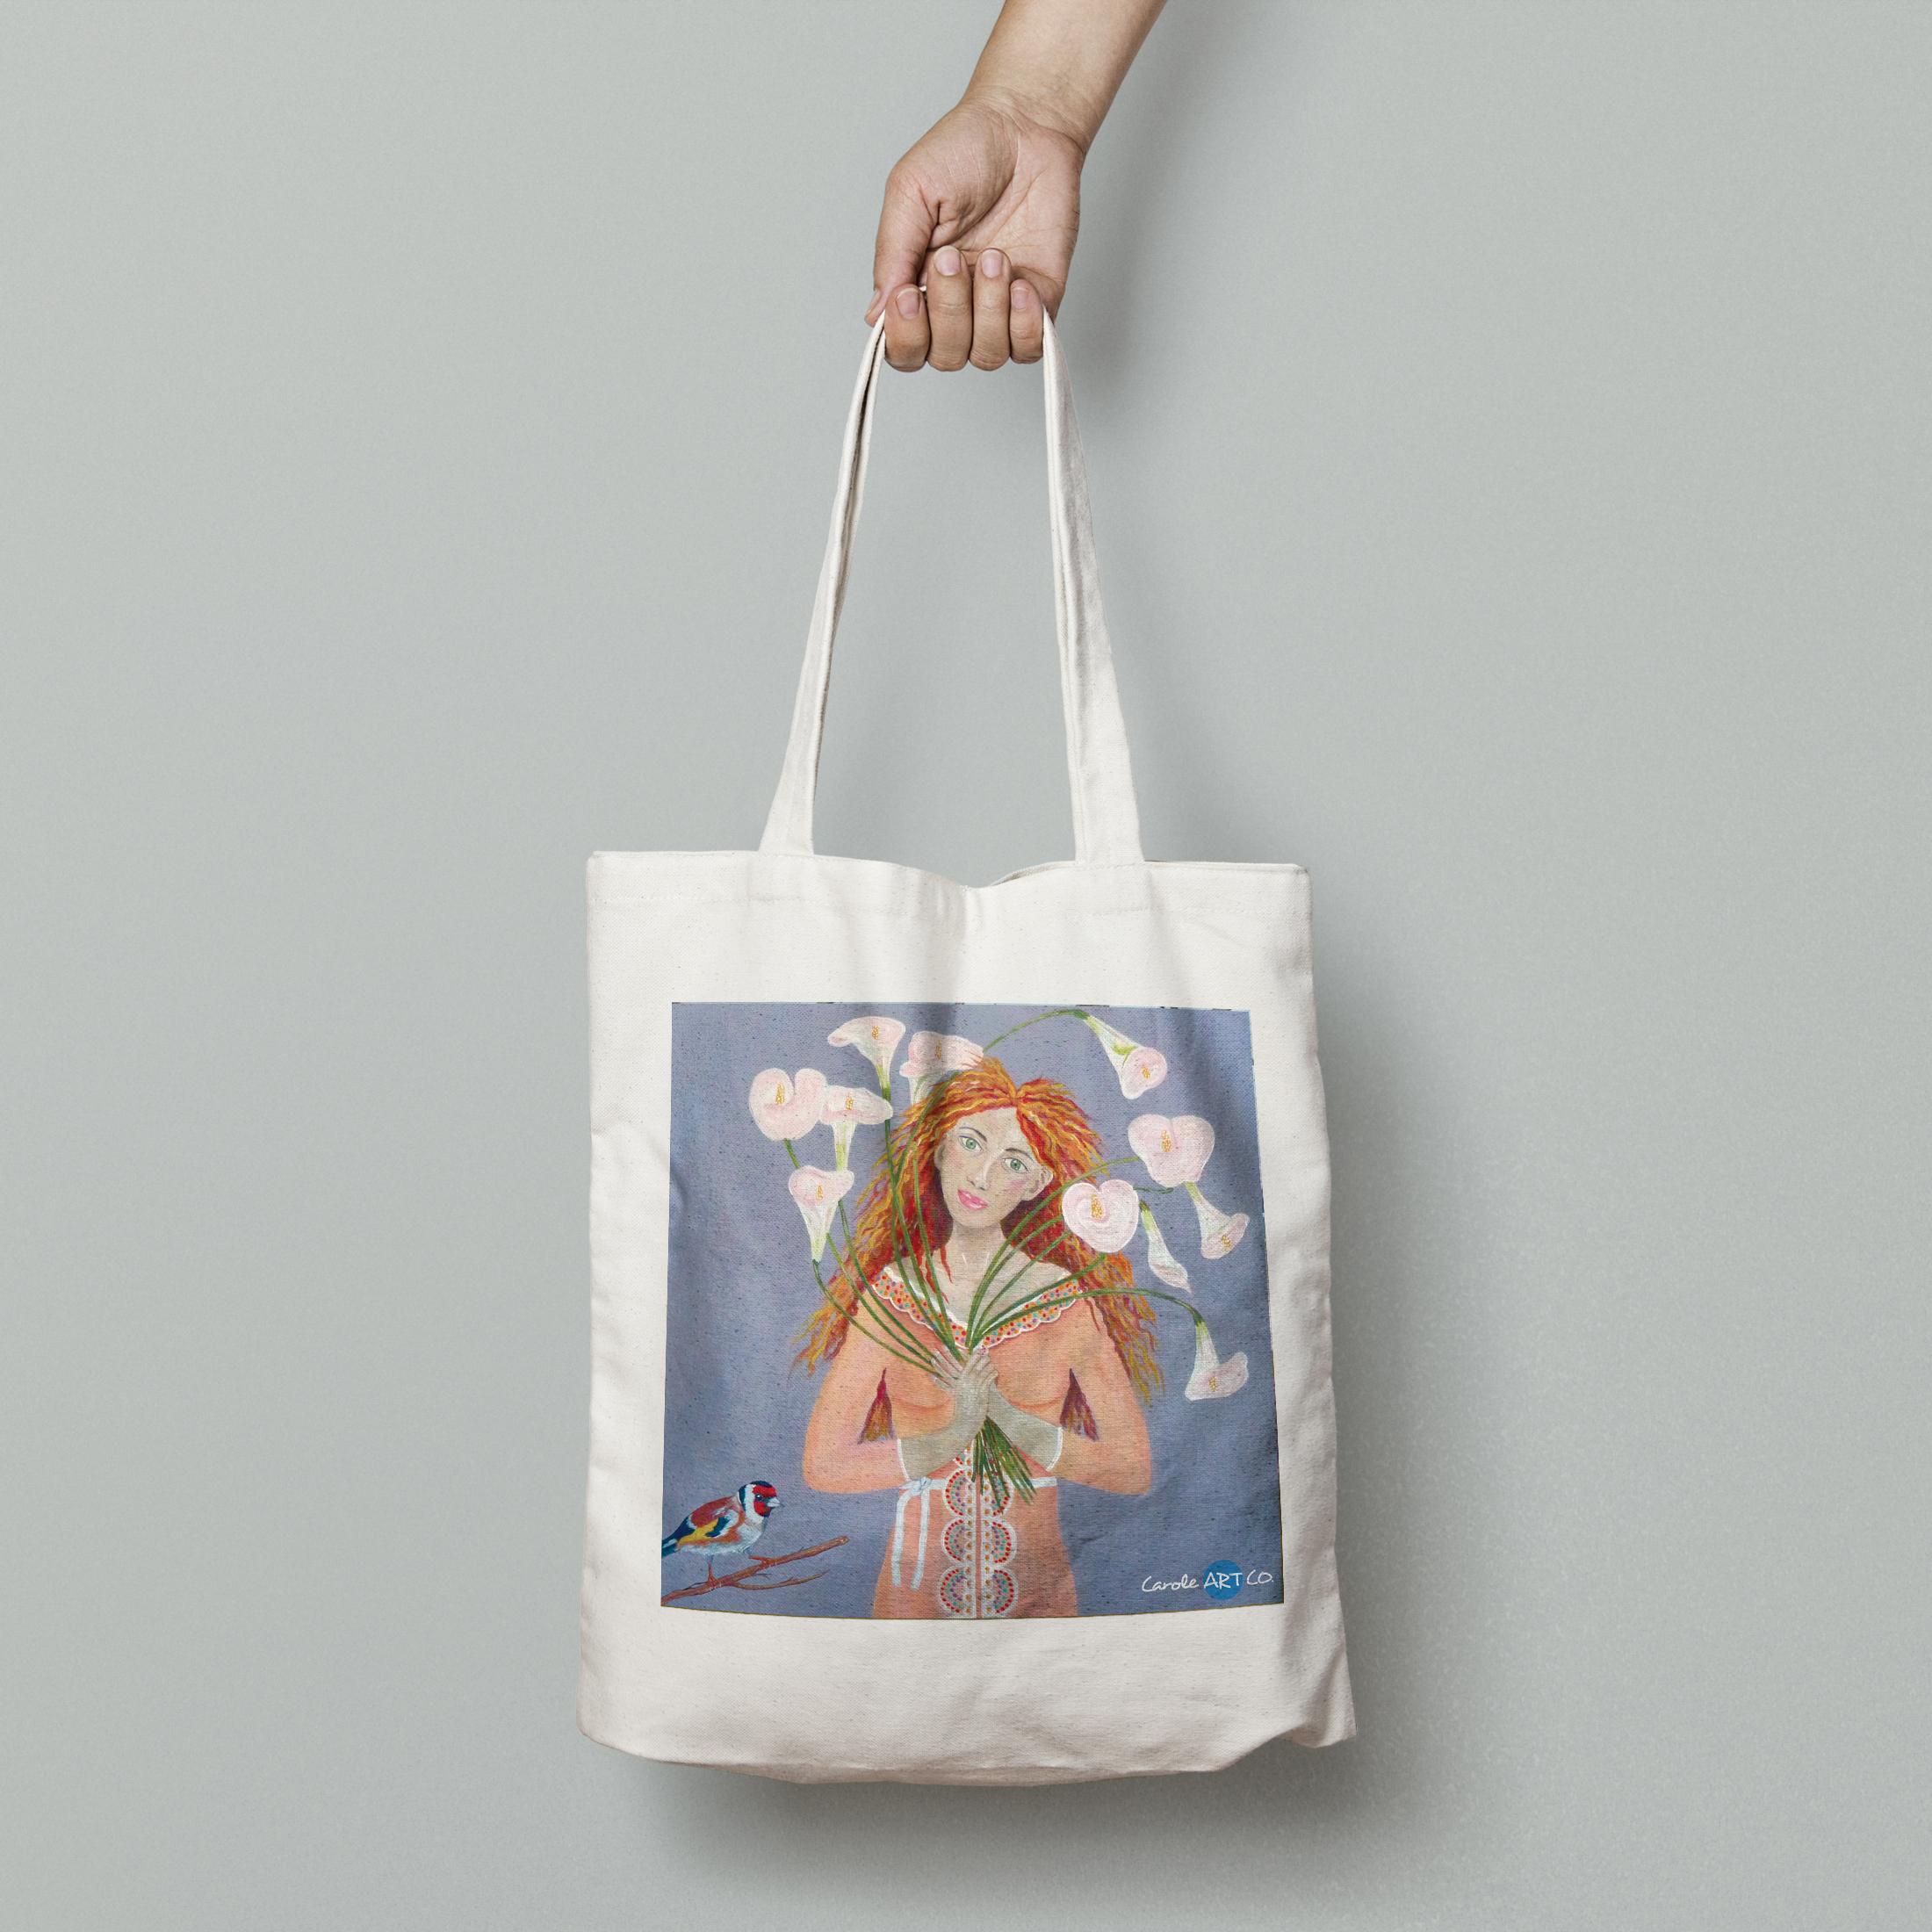 TOTE BAG personnalisé blanc peinture jfauxarums by carole courtoux